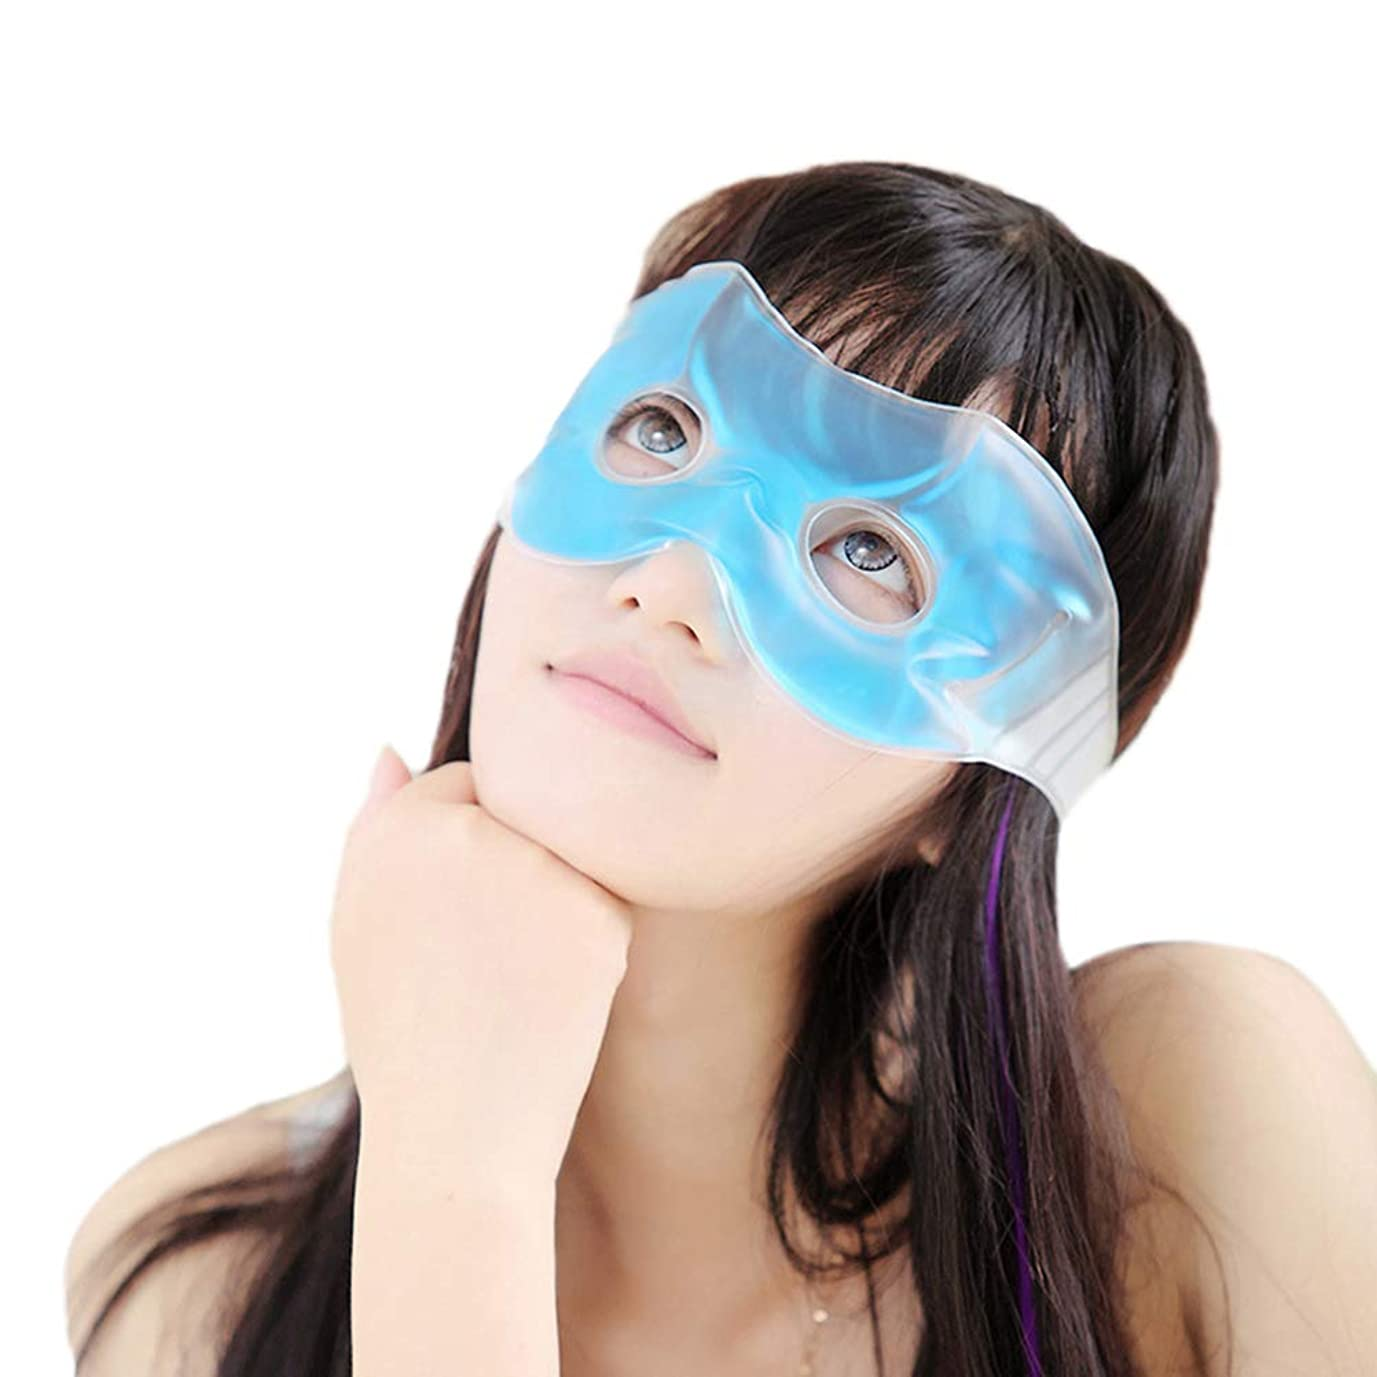 手順カリキュラムタイトルHeallilyアイスアイマスク睡眠アイスパッチ冷却リラックスブラインド快適なパッチ用アイパフネスダークサークル